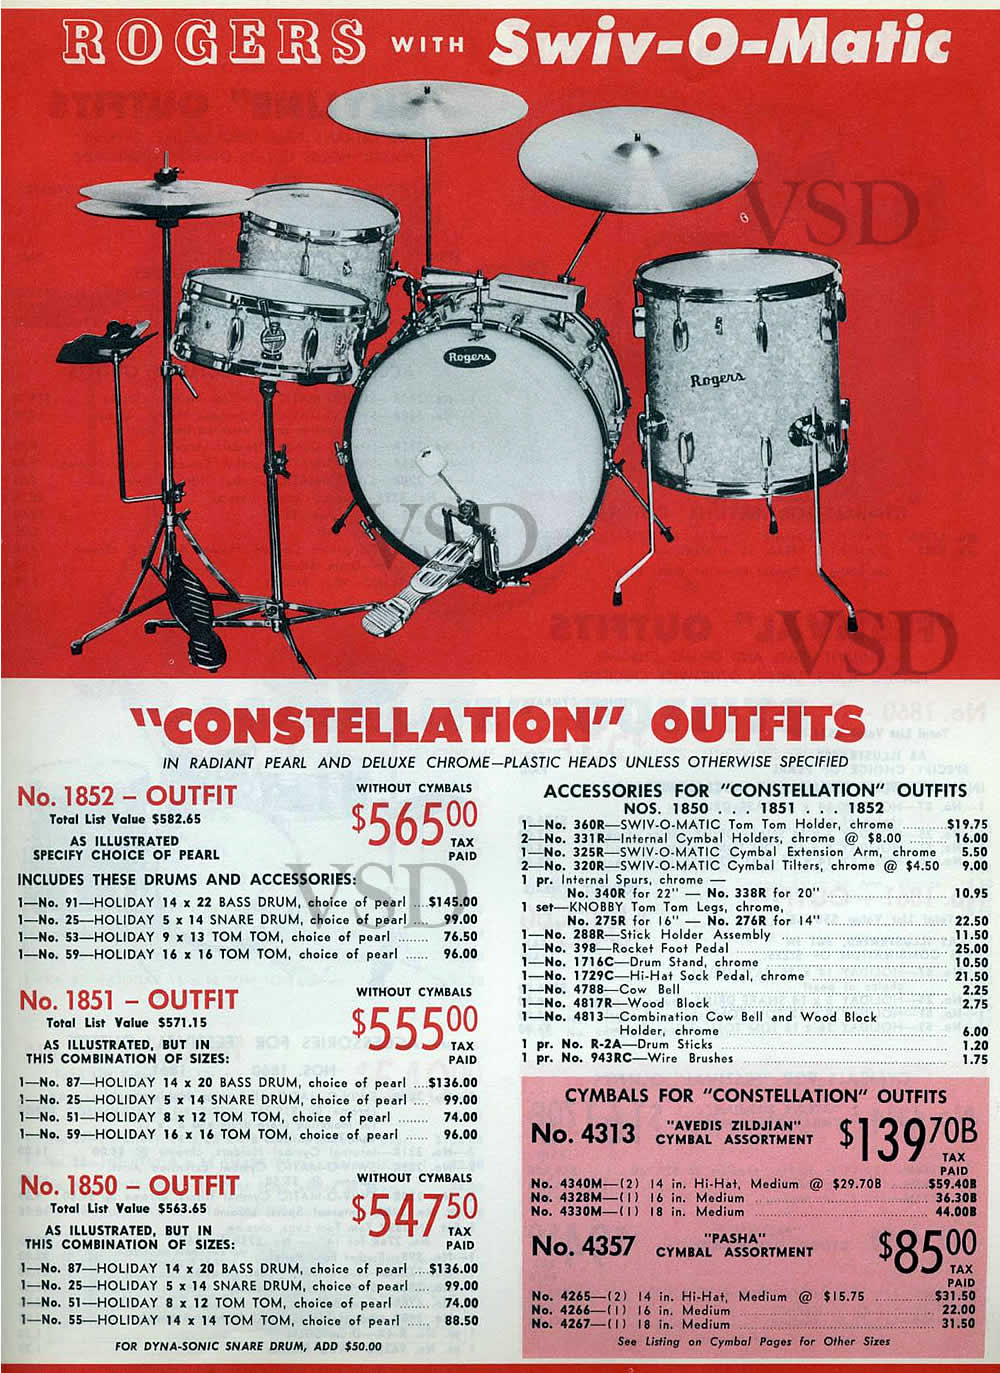 1962_rogers_drumsets8-2.jpg